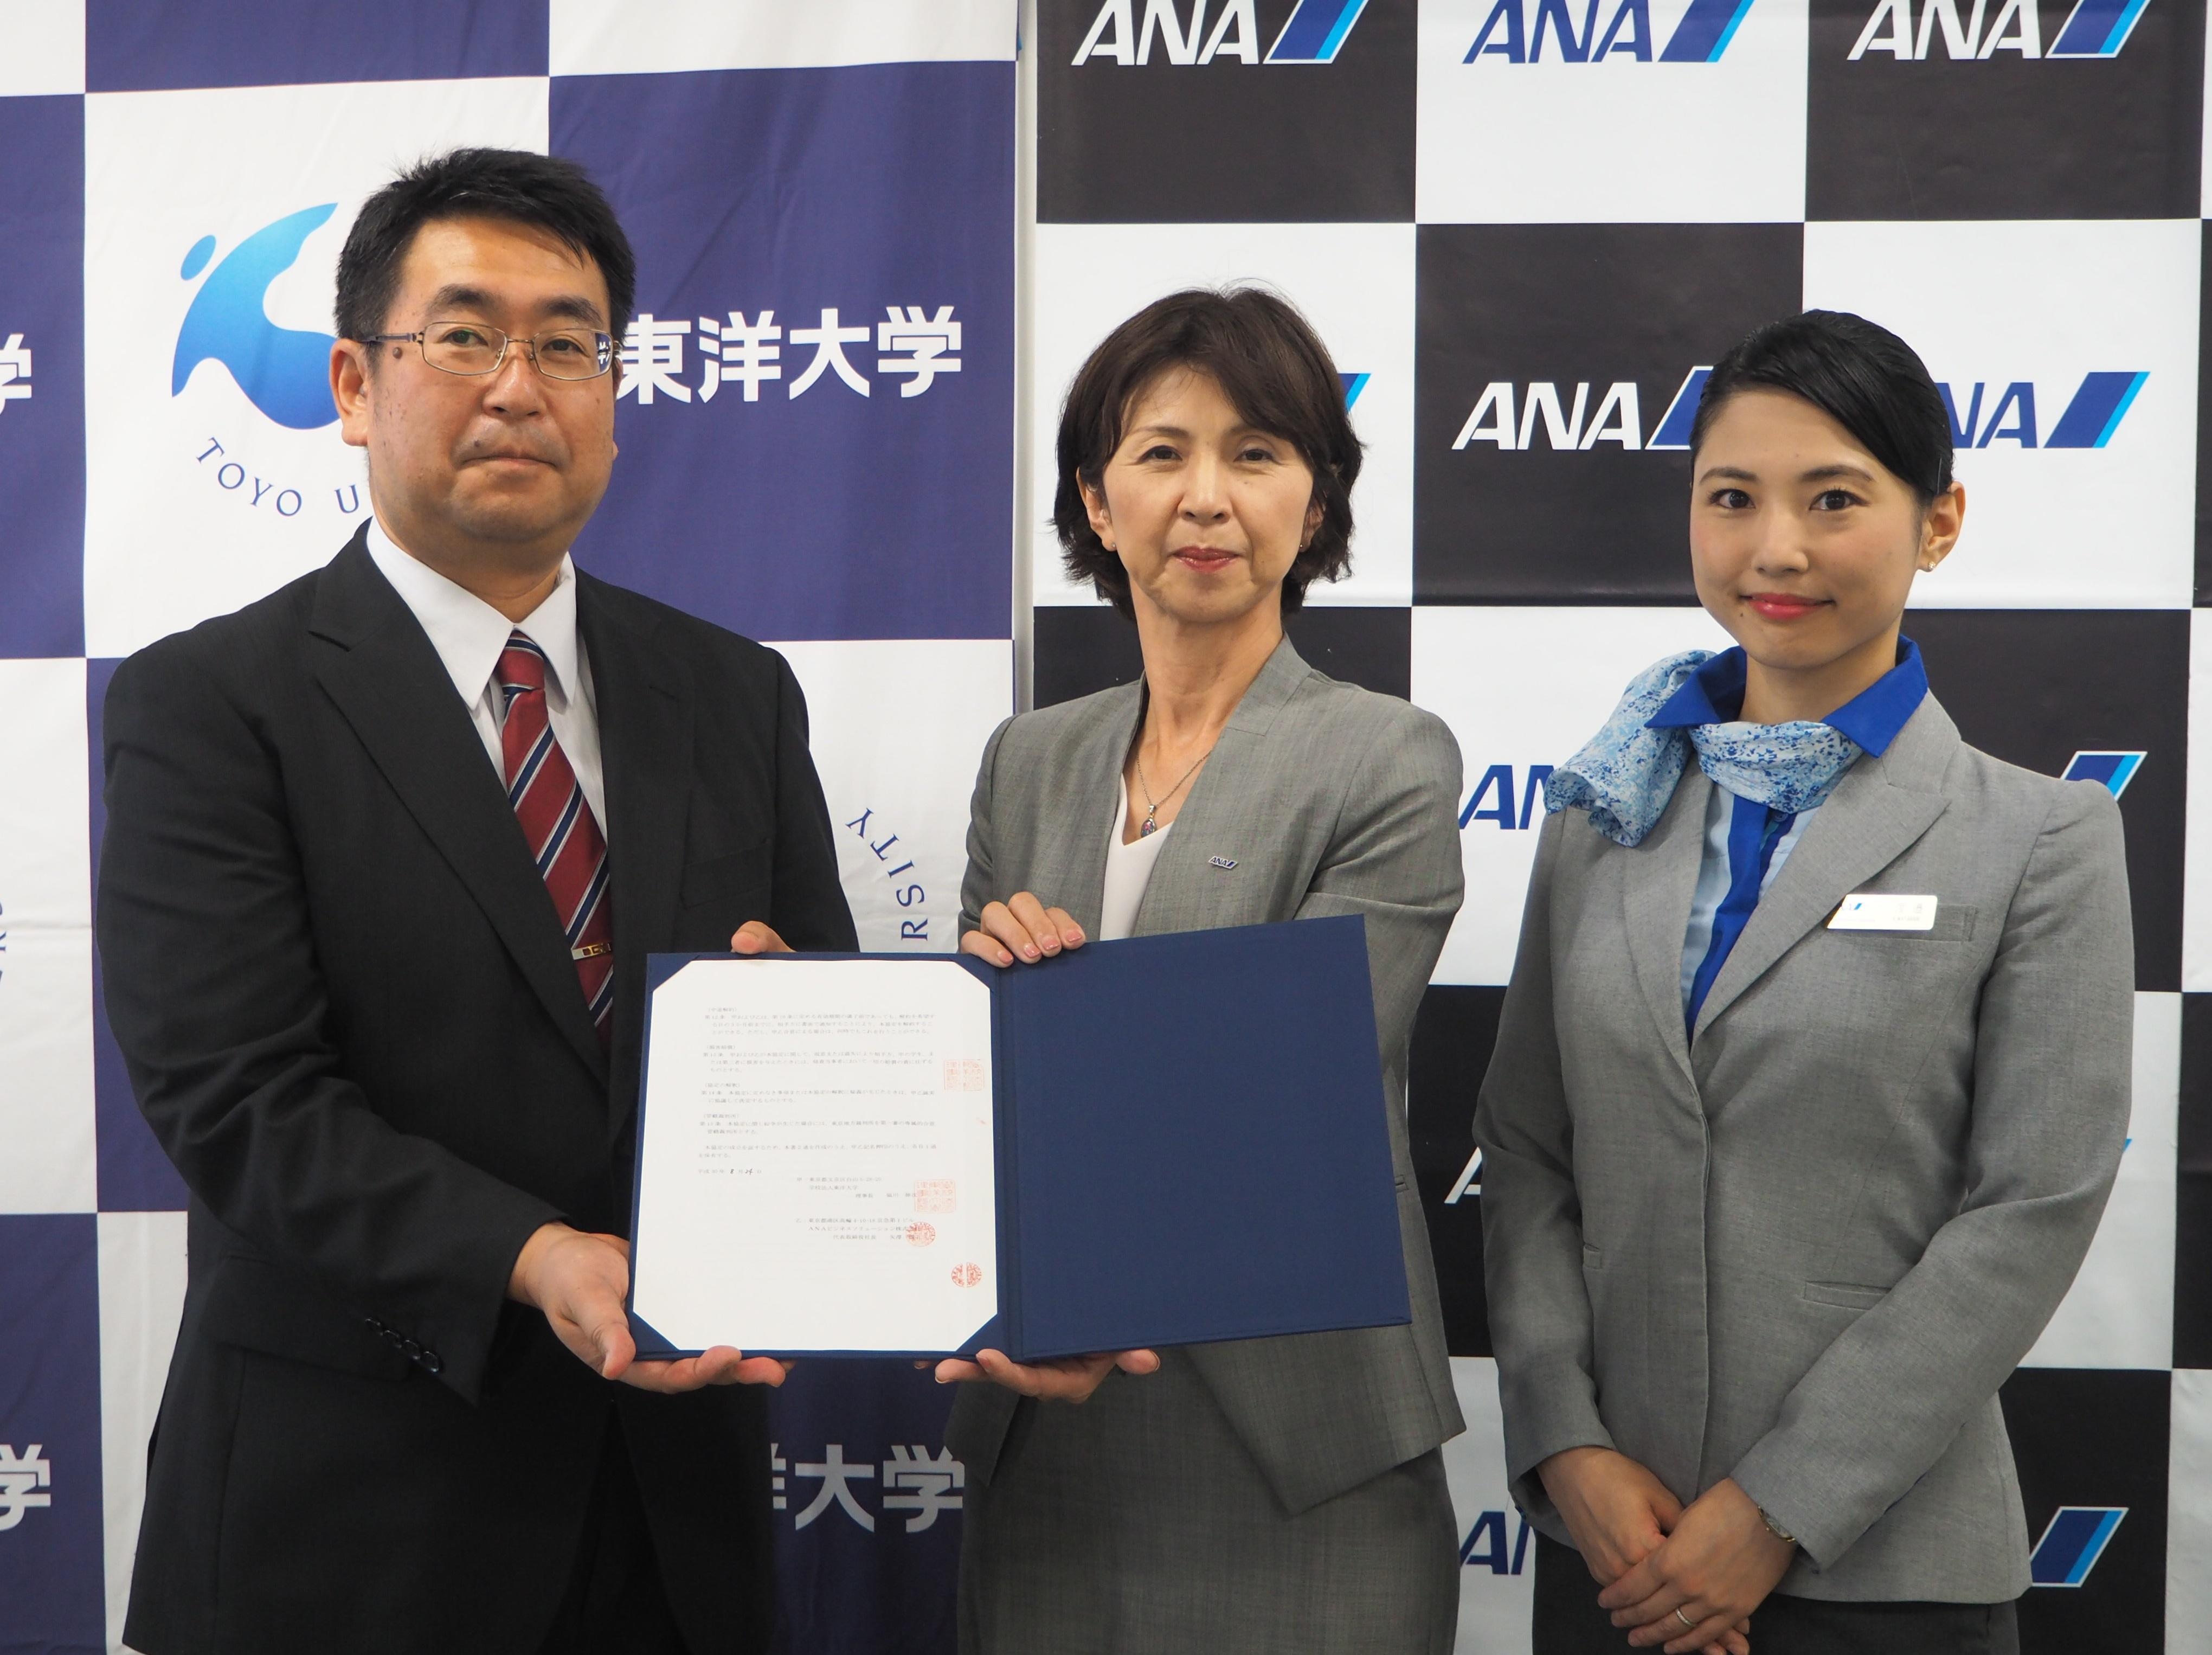 ANAビジネスソリューション株式会社(ANAエアラインスクール)と教育連携協定を締結しました -- 東洋大学